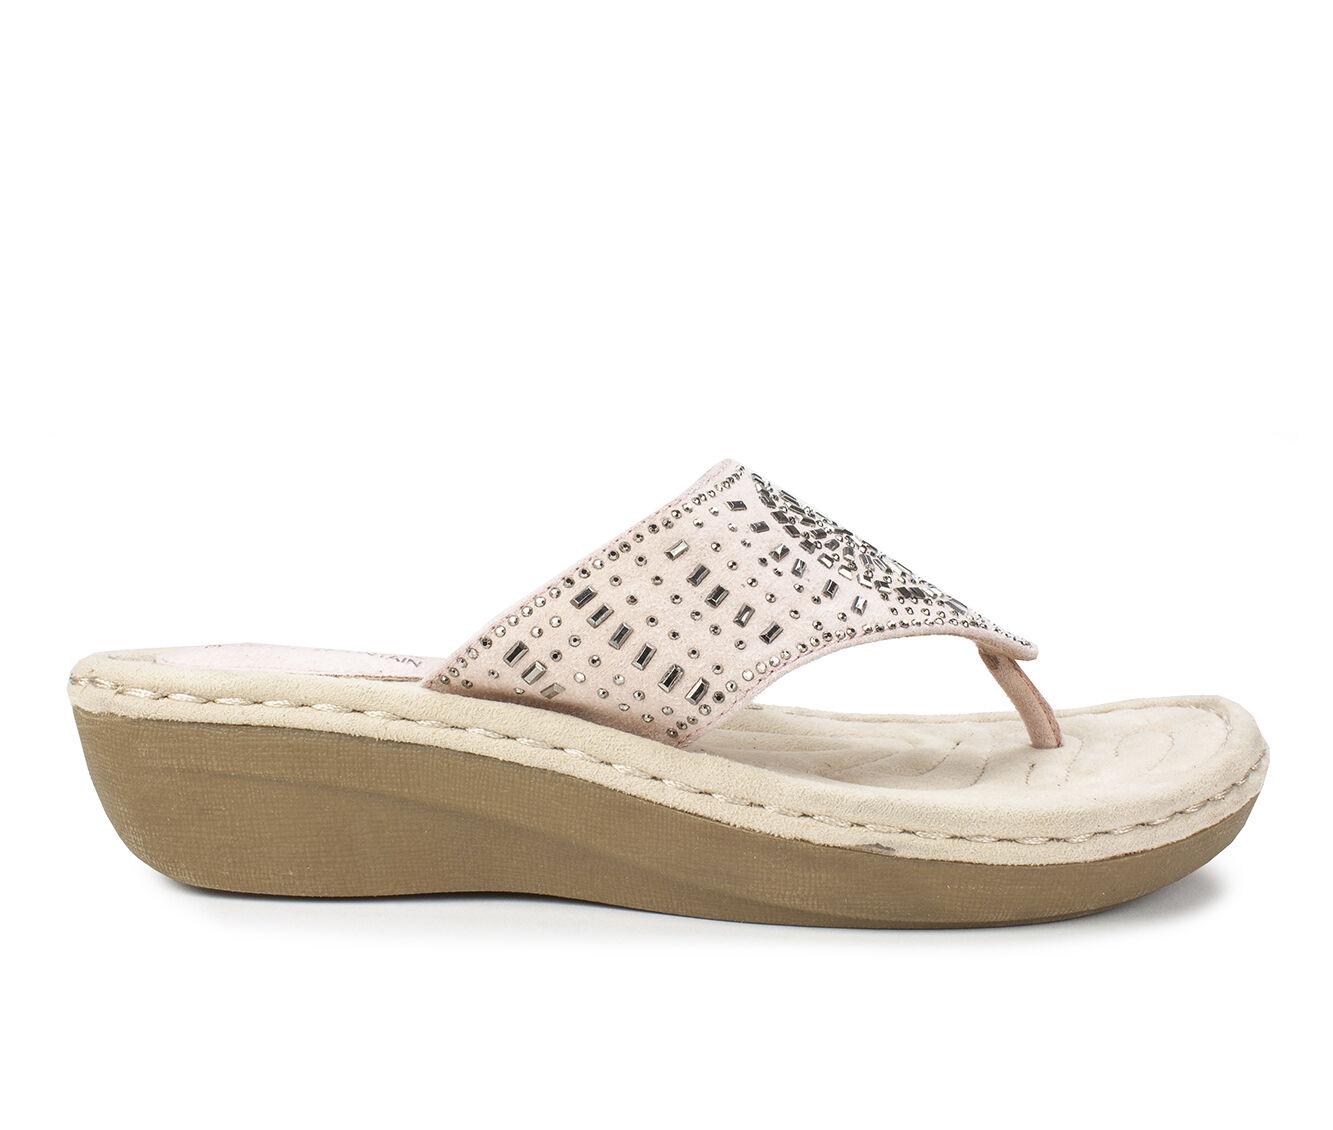 Buying New Women's Cliffs Cienna Sandals Pale Pink